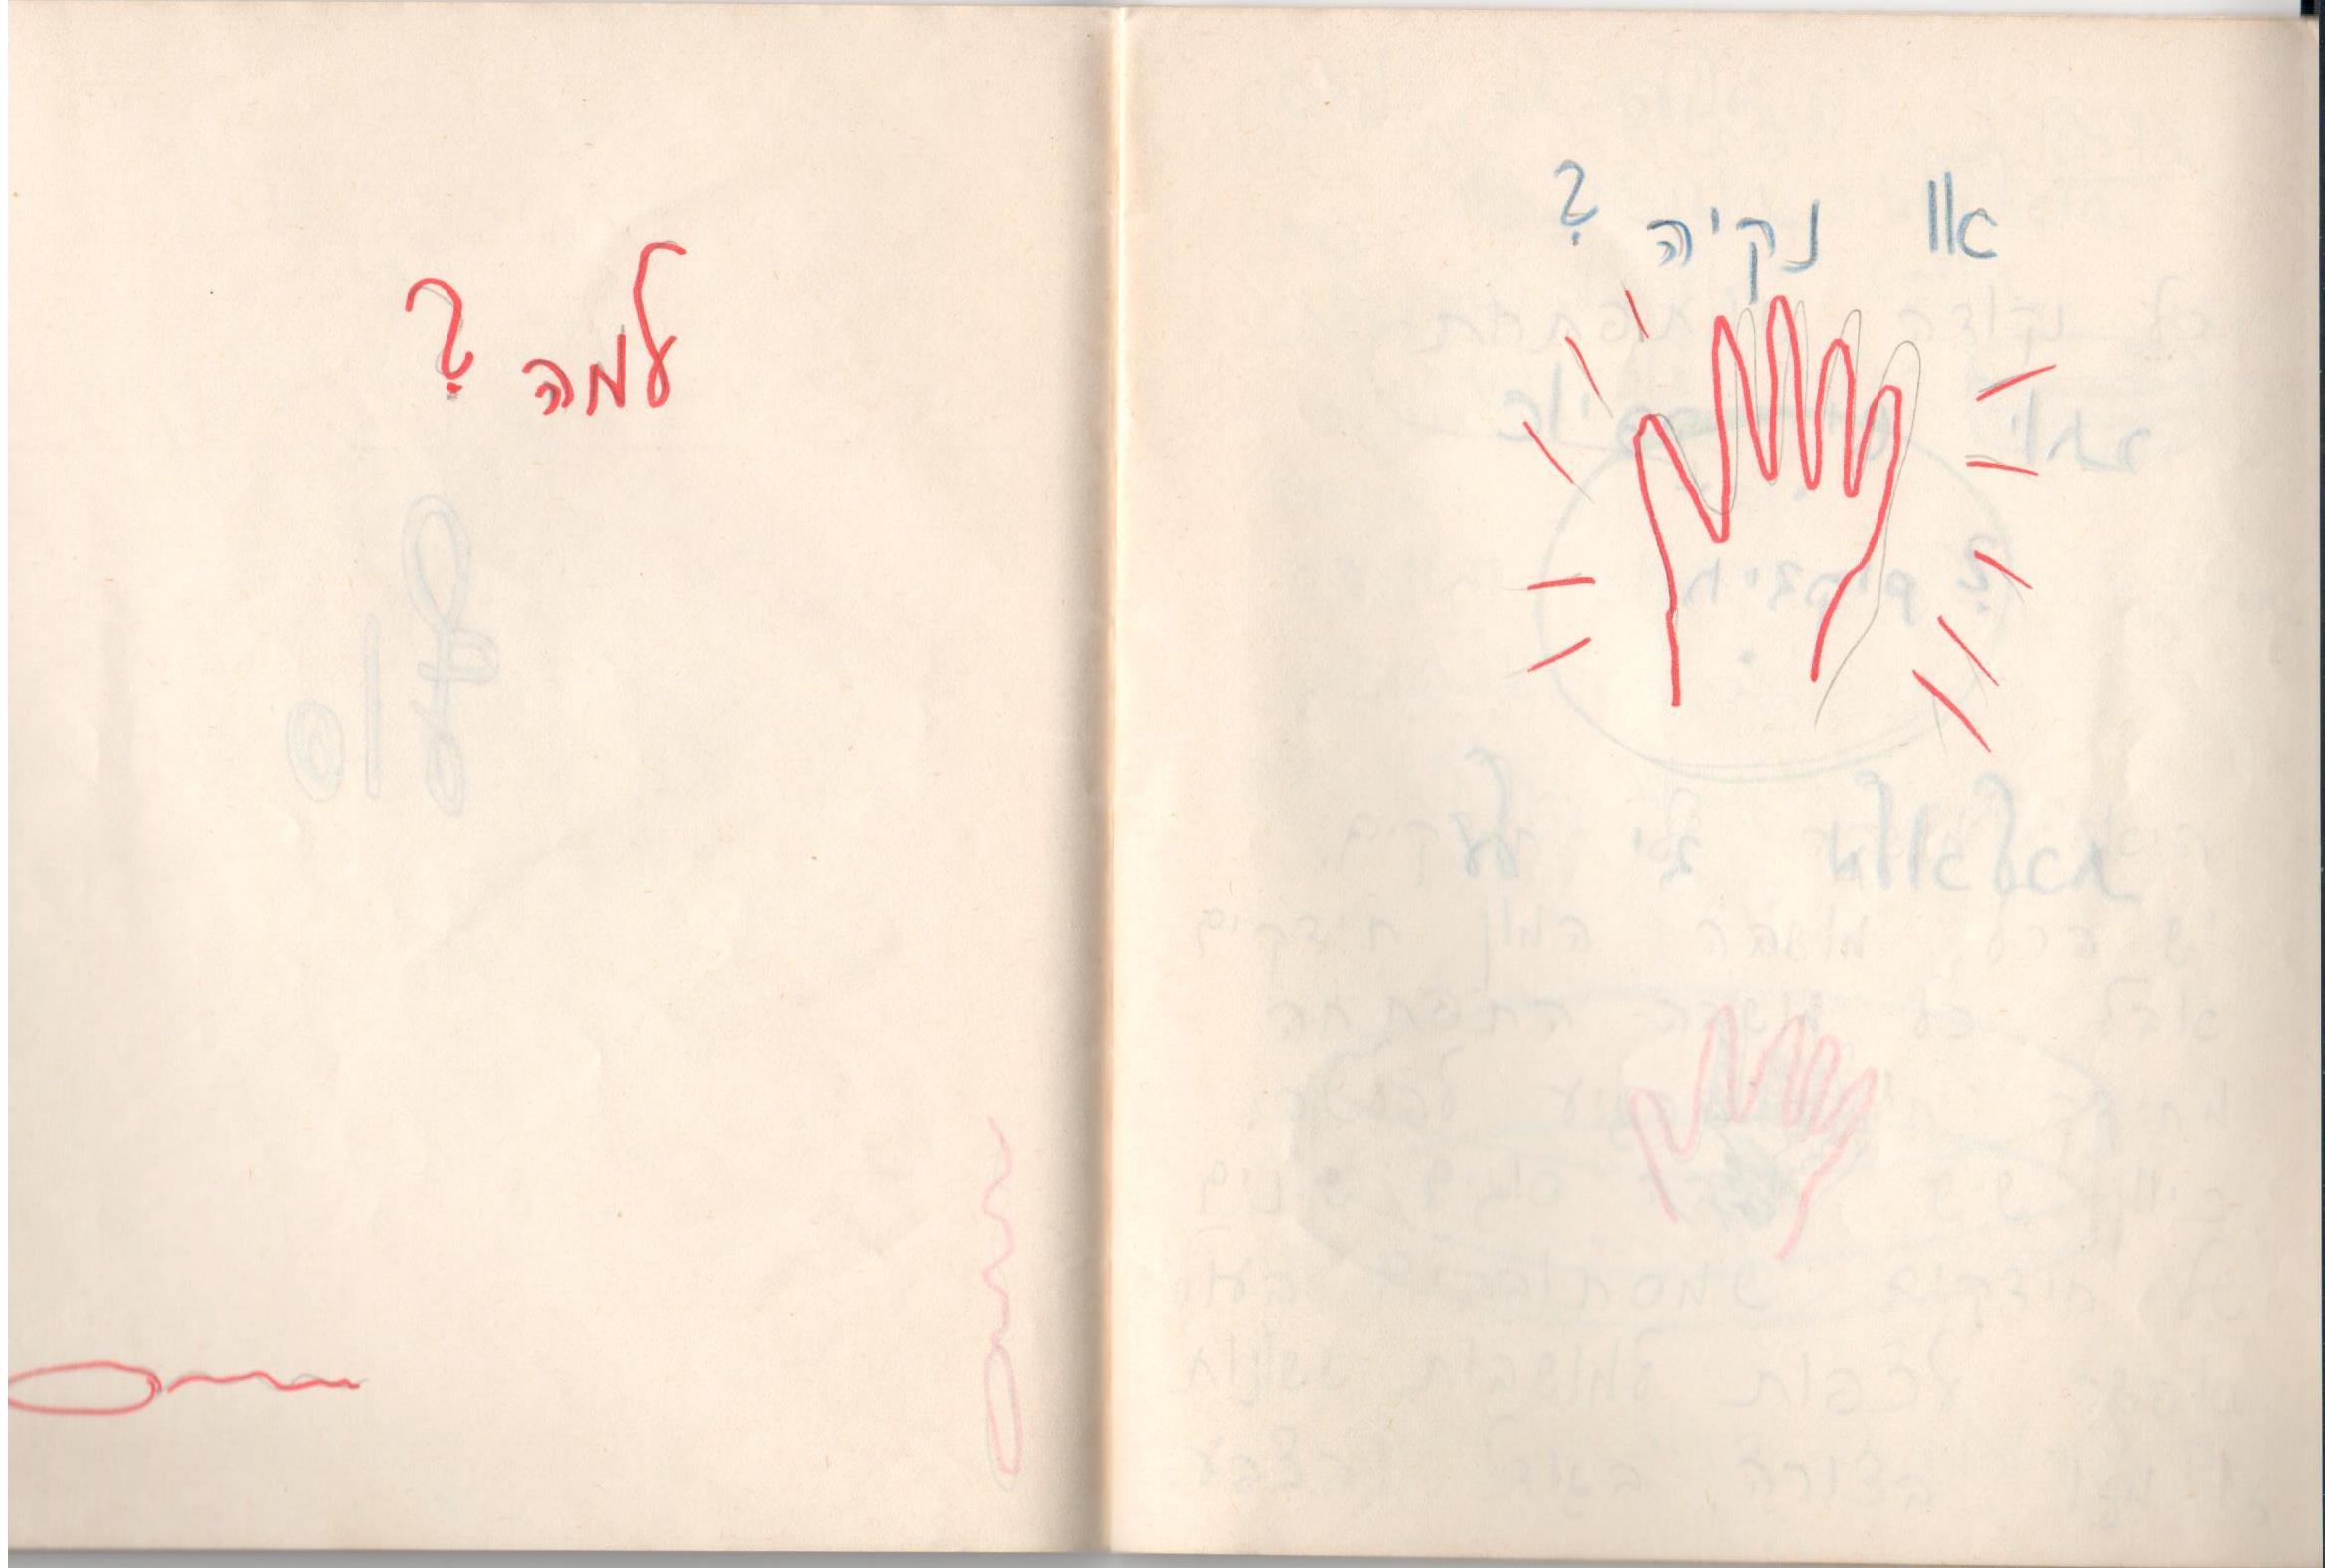 חיידקים מיליון – הסיפור שמאחורי הספר by Mel Rosenberg - מל רוזנברג - Ourboox.com